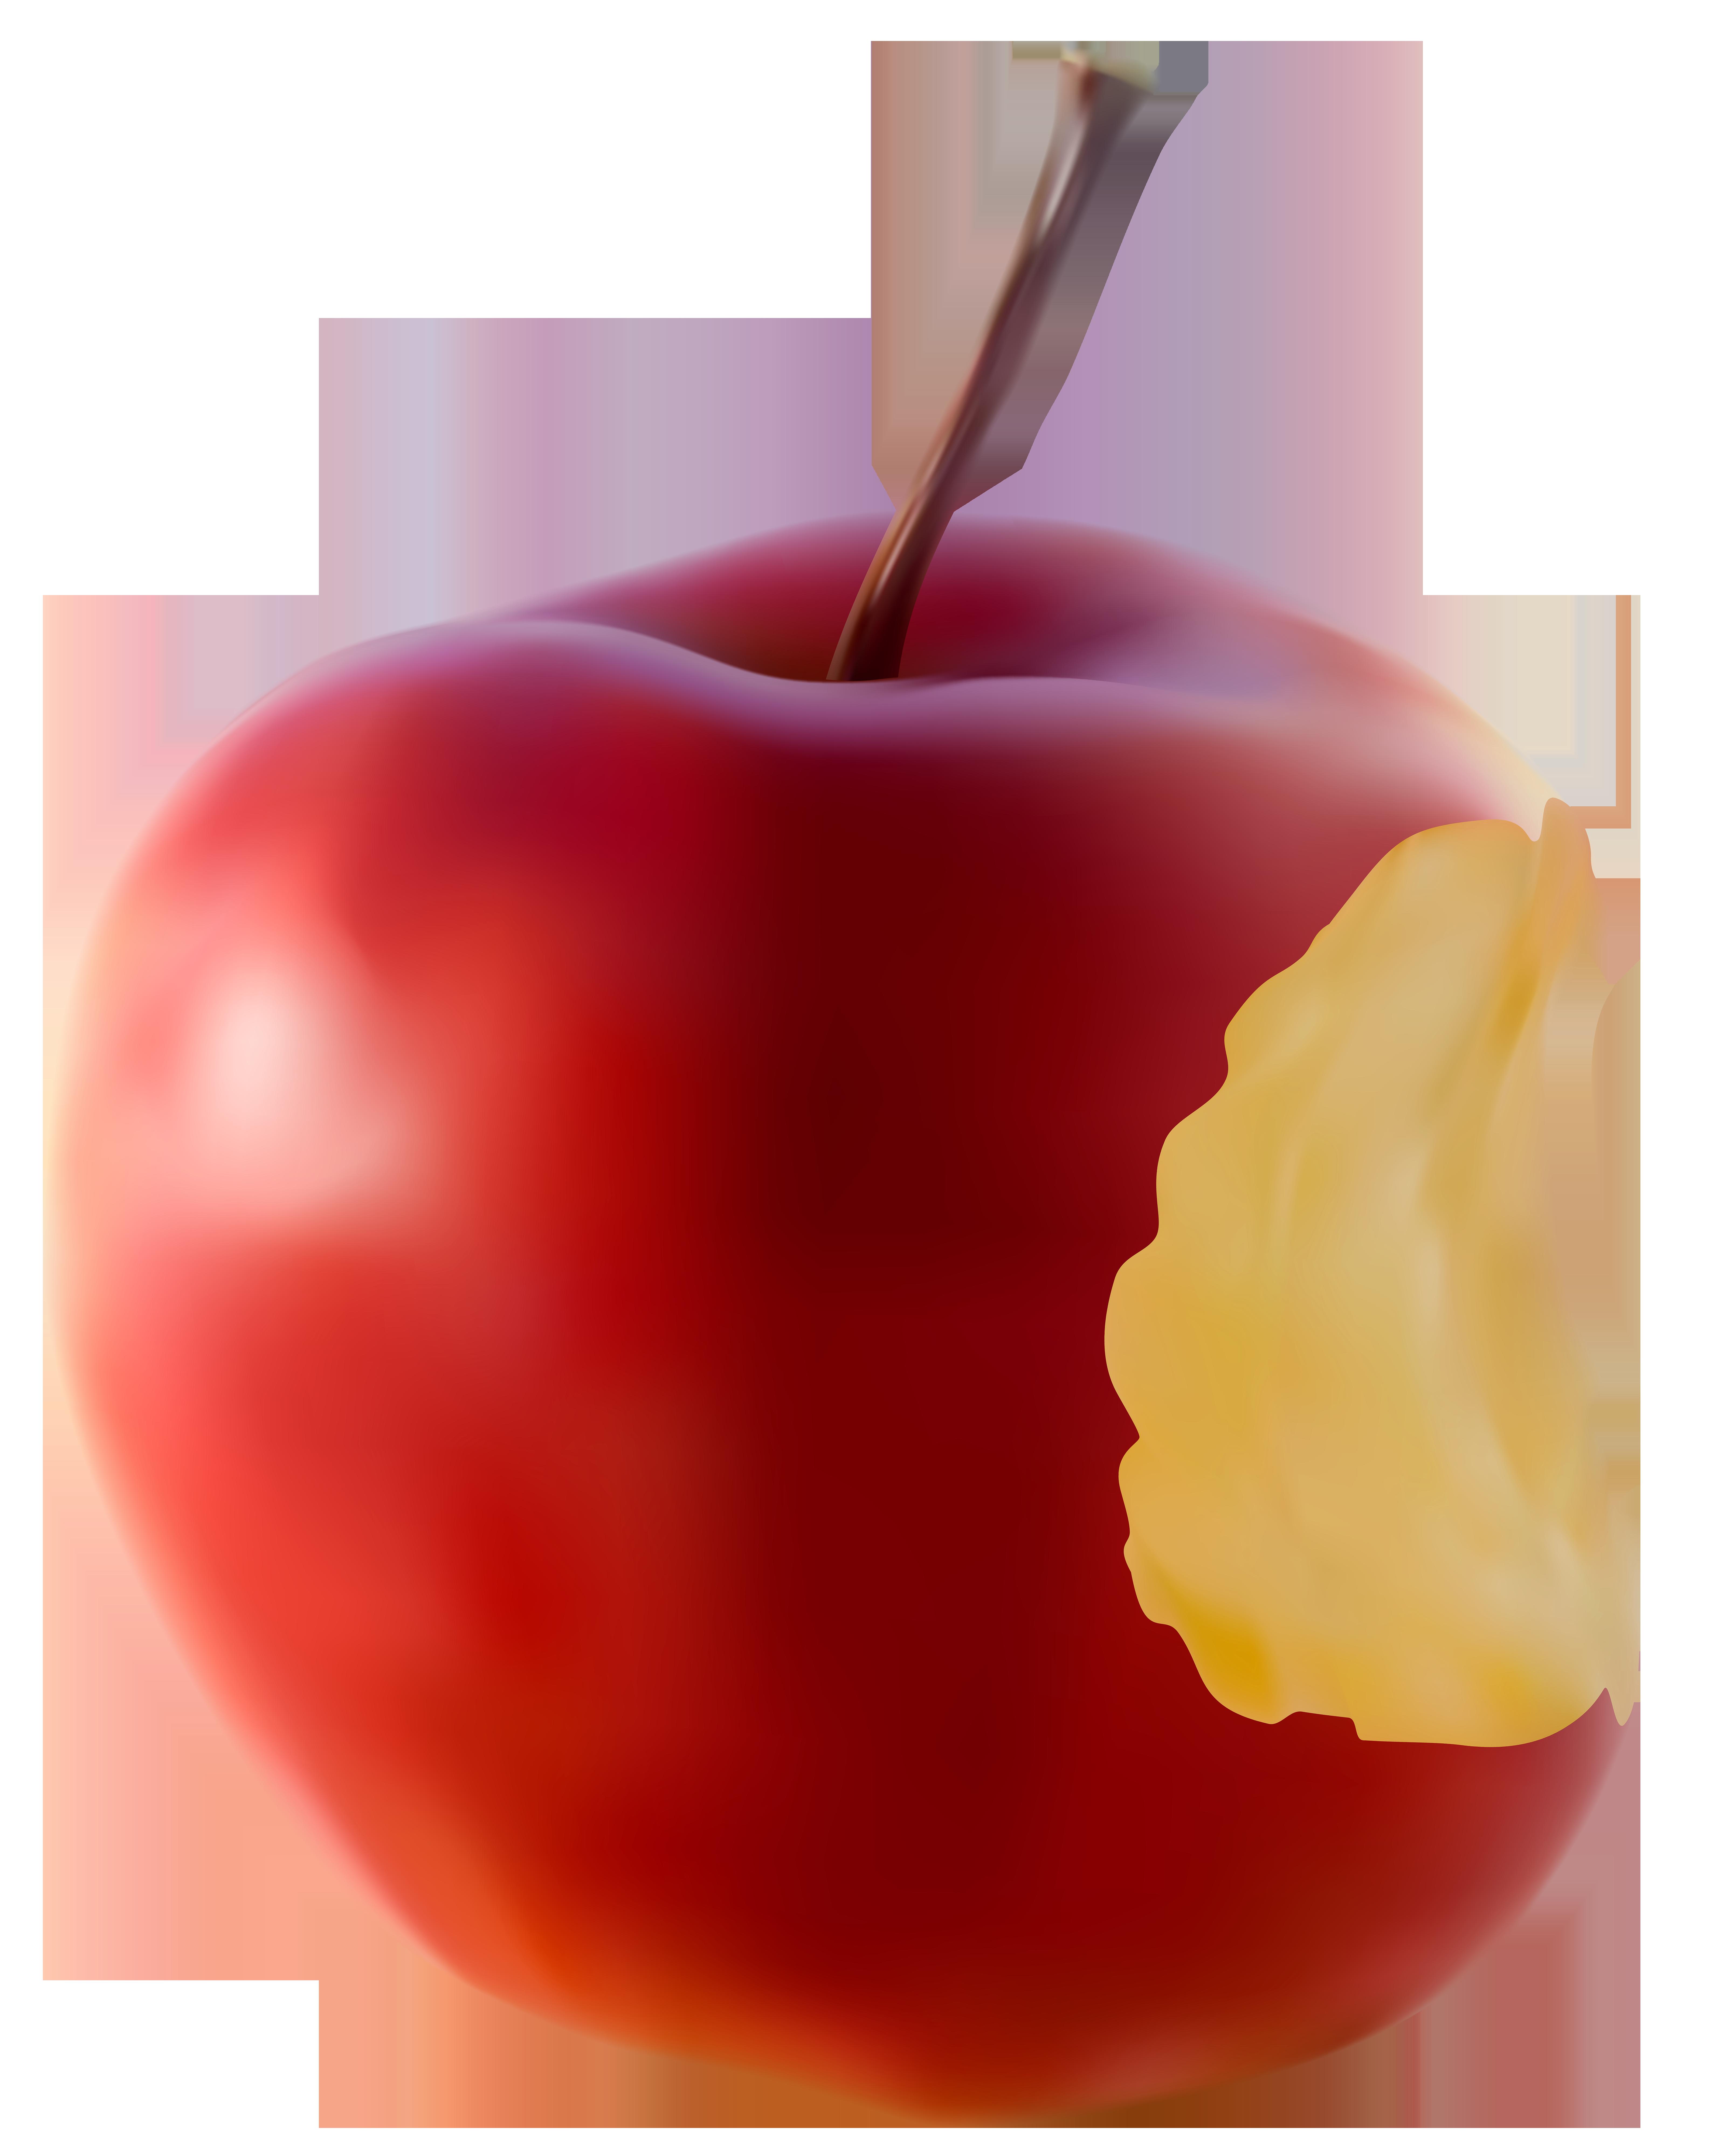 6359x8000 Bitten Apple Red Transparent Clip Art Imageu200b Gallery